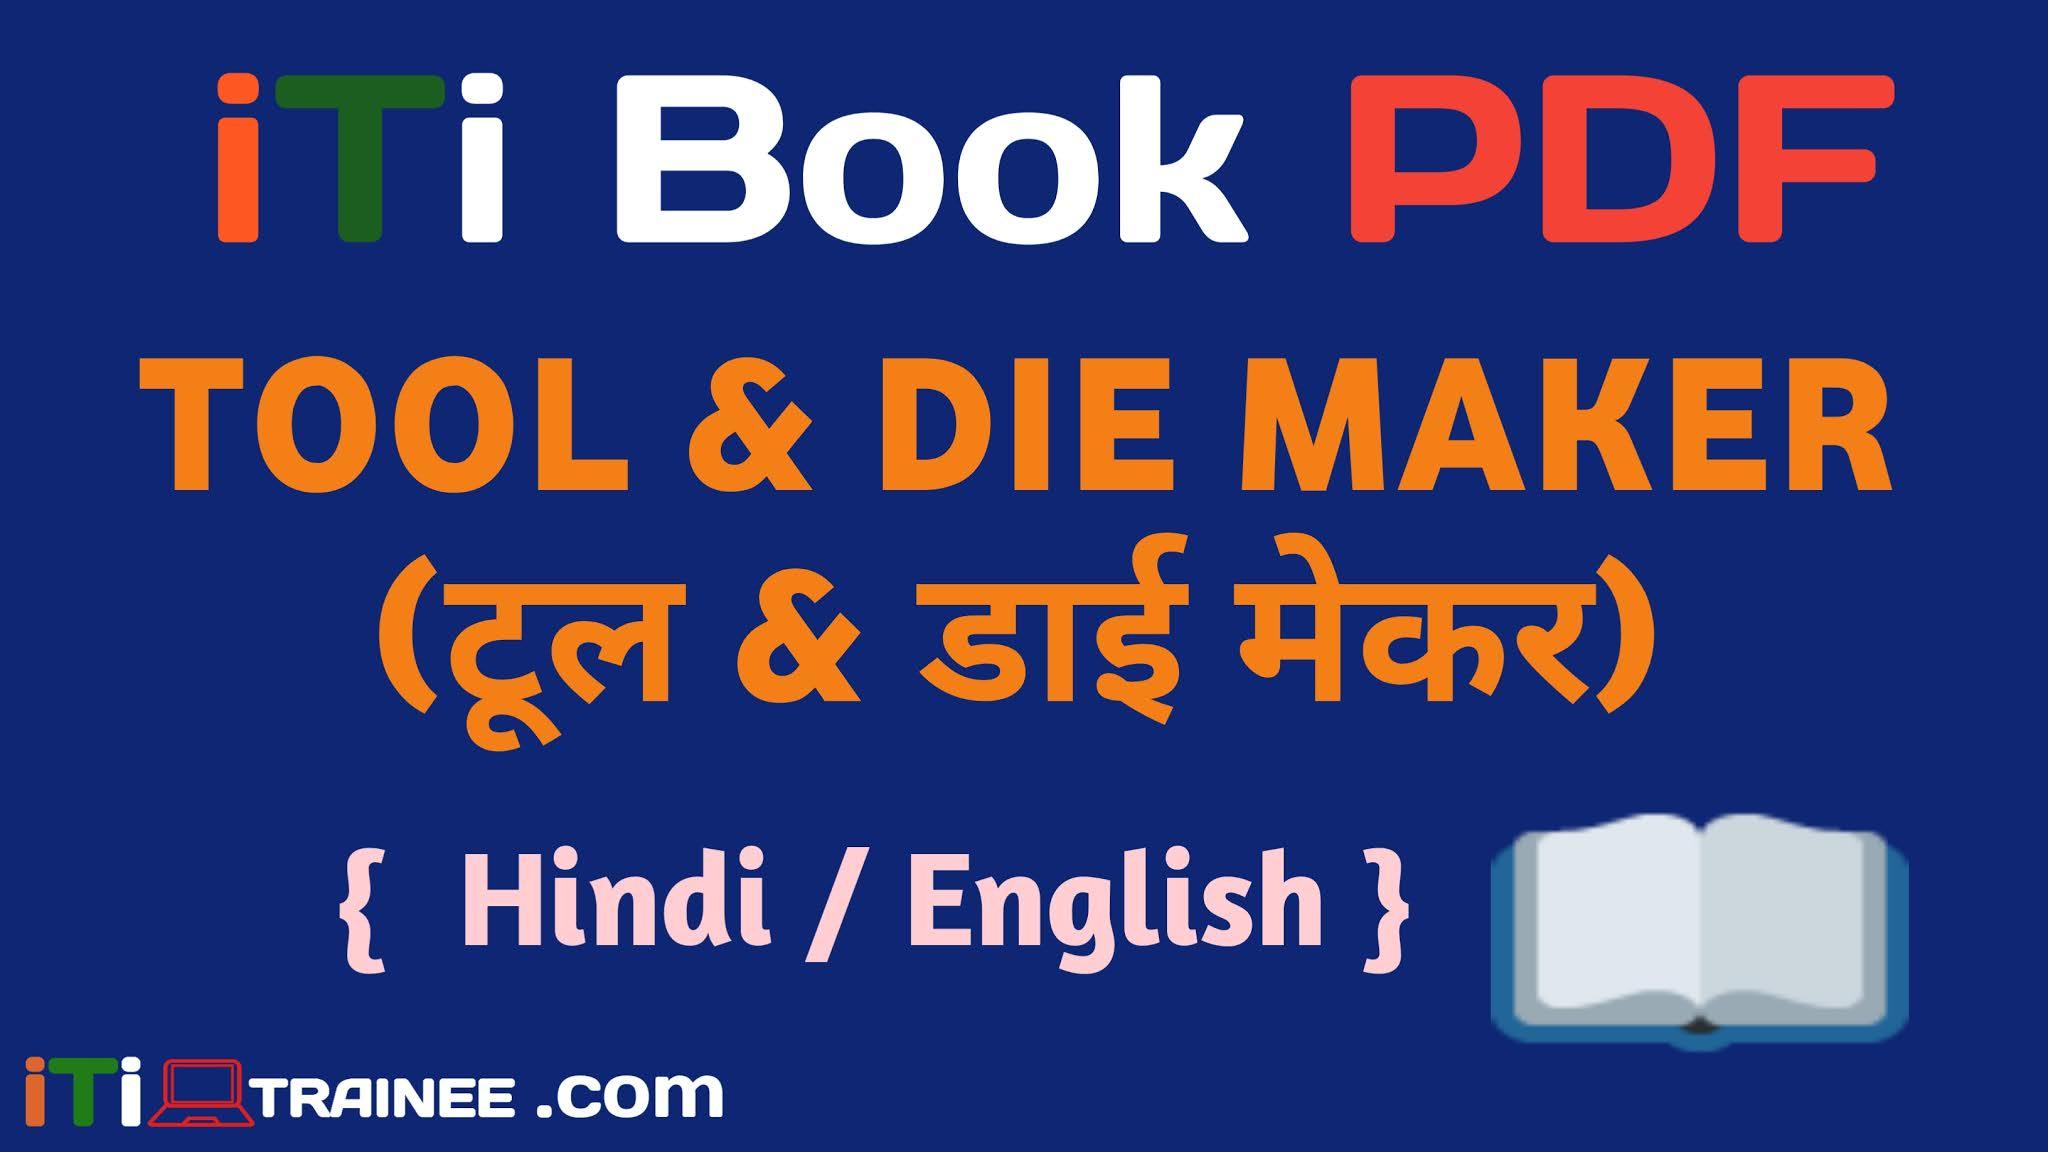 ITI Tool & Die Maker